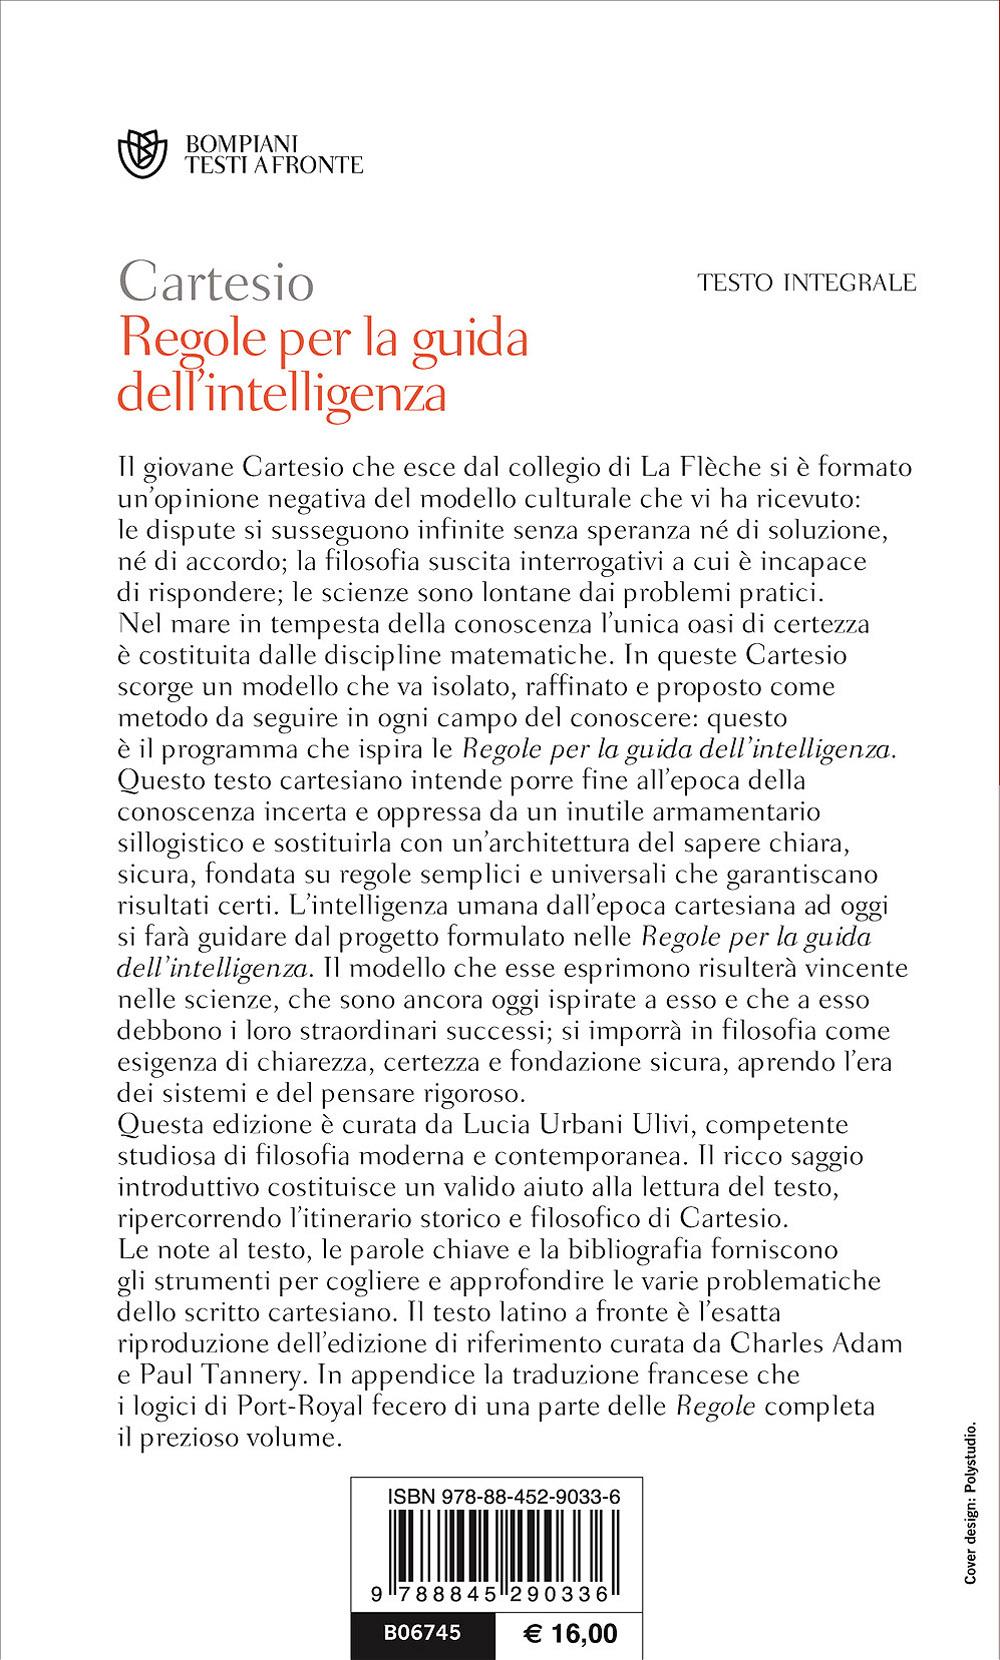 Regole per la guida dell'intelligenza